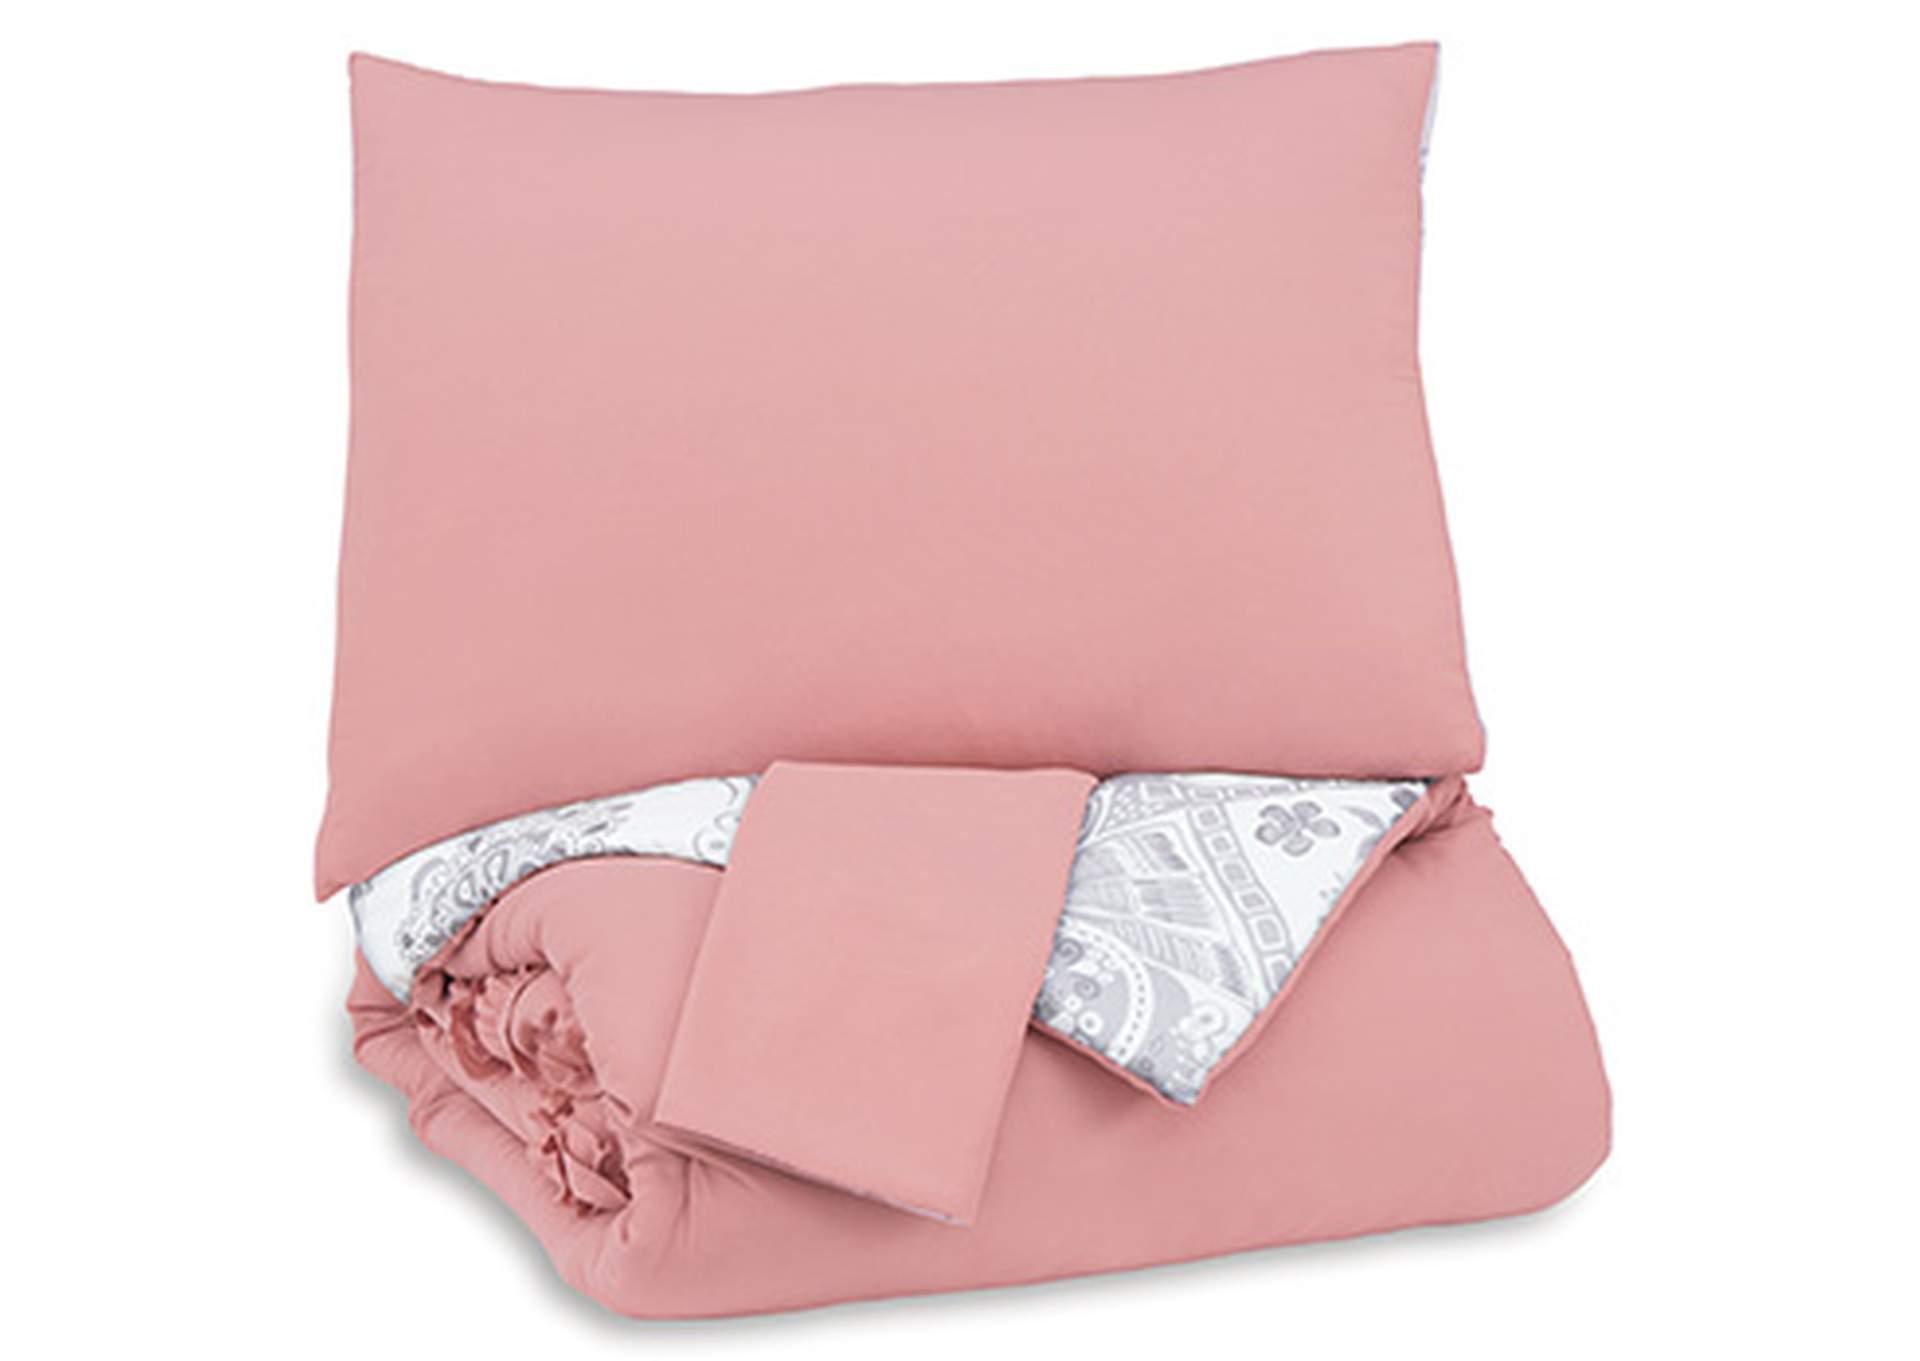 Avaleigh Full Comforter Set